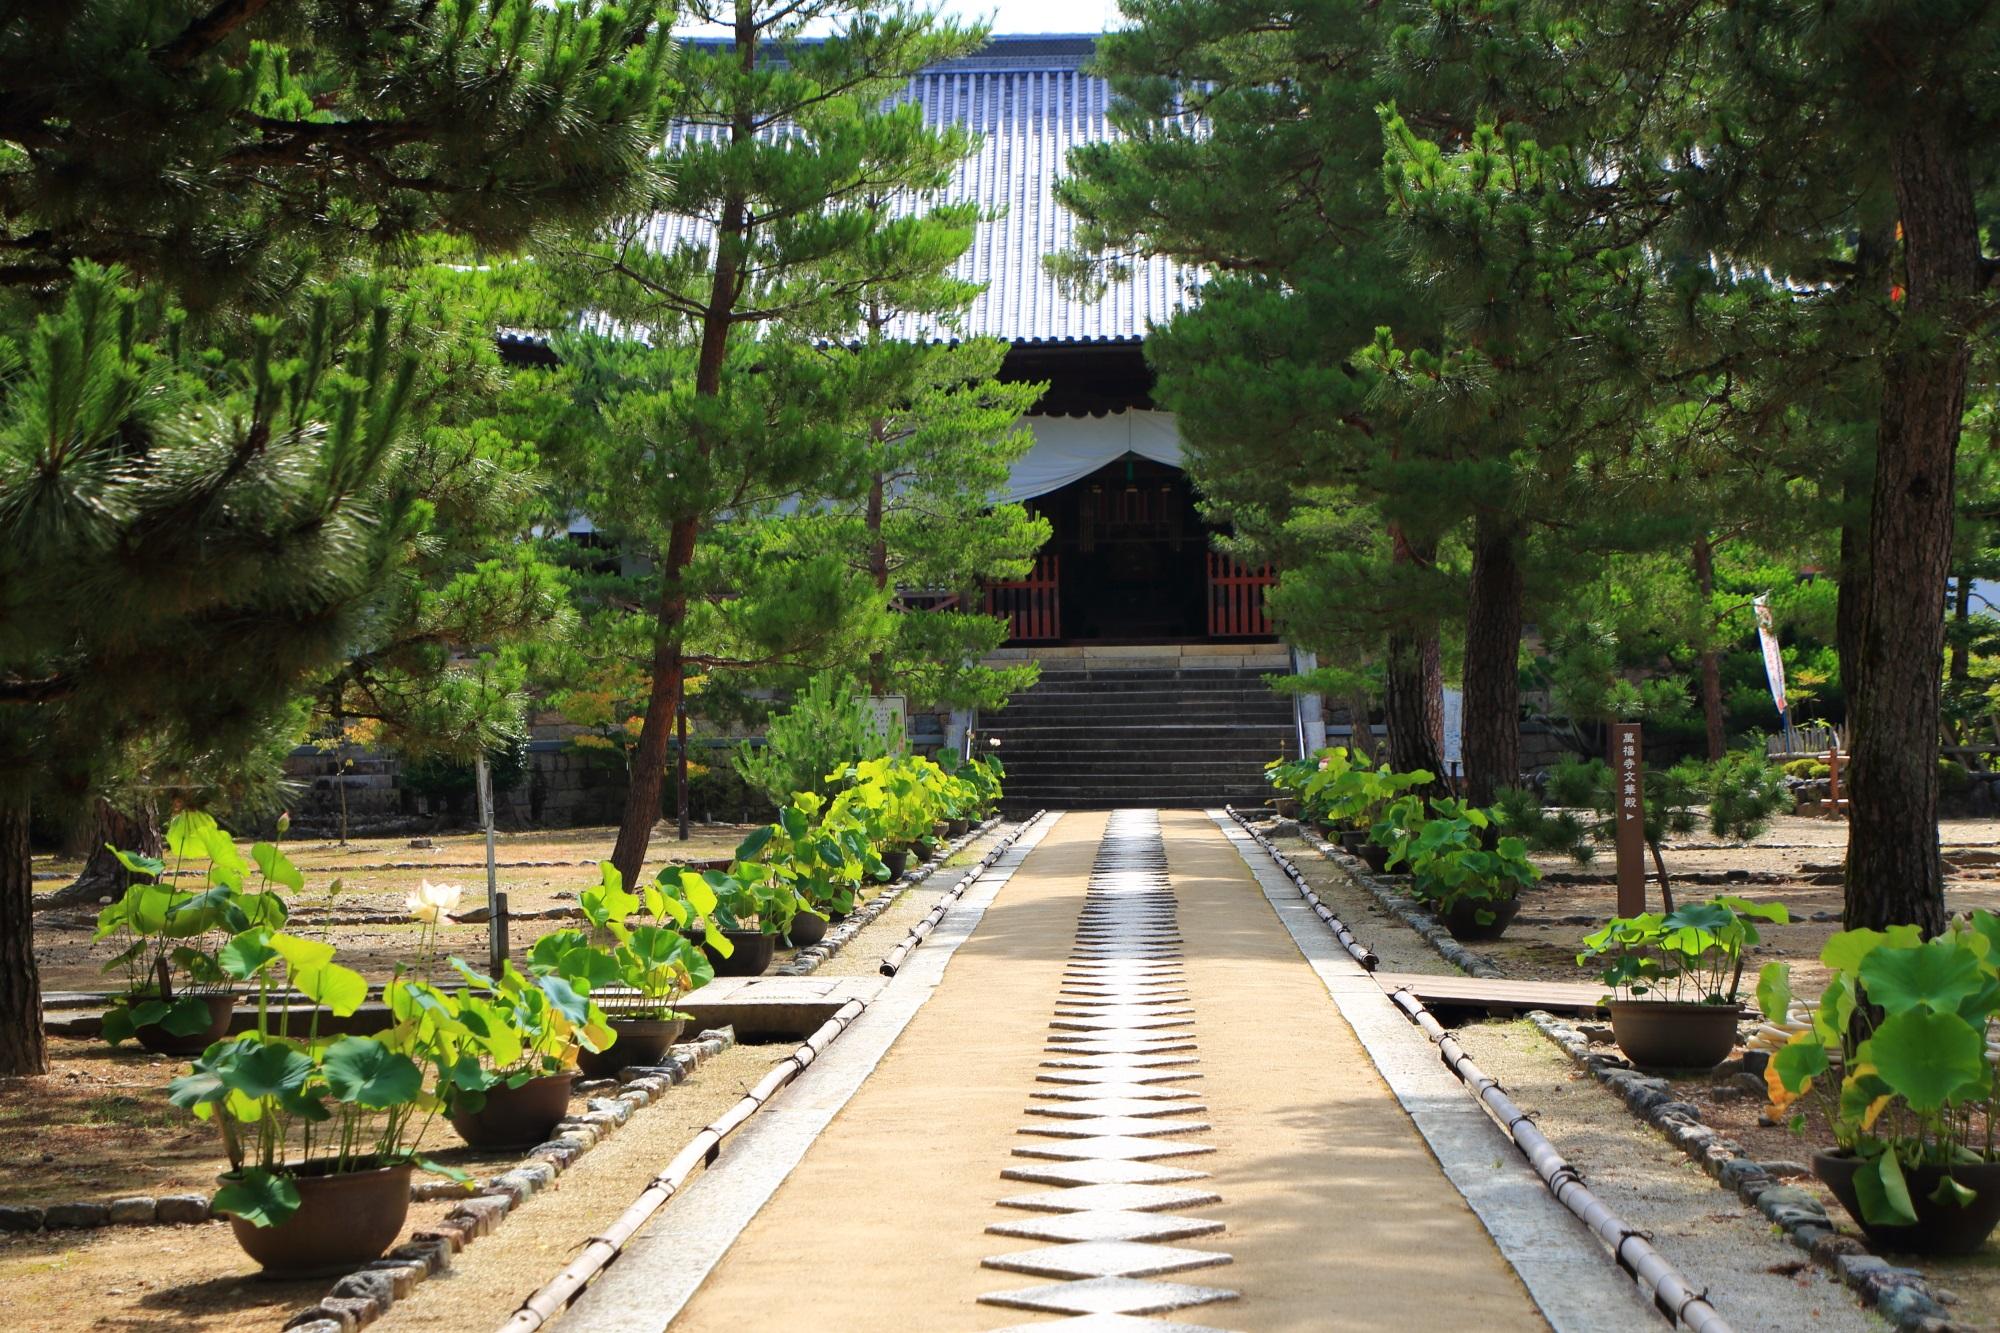 緑の木々に囲まれた萬福寺の天王殿と飛び石の参道